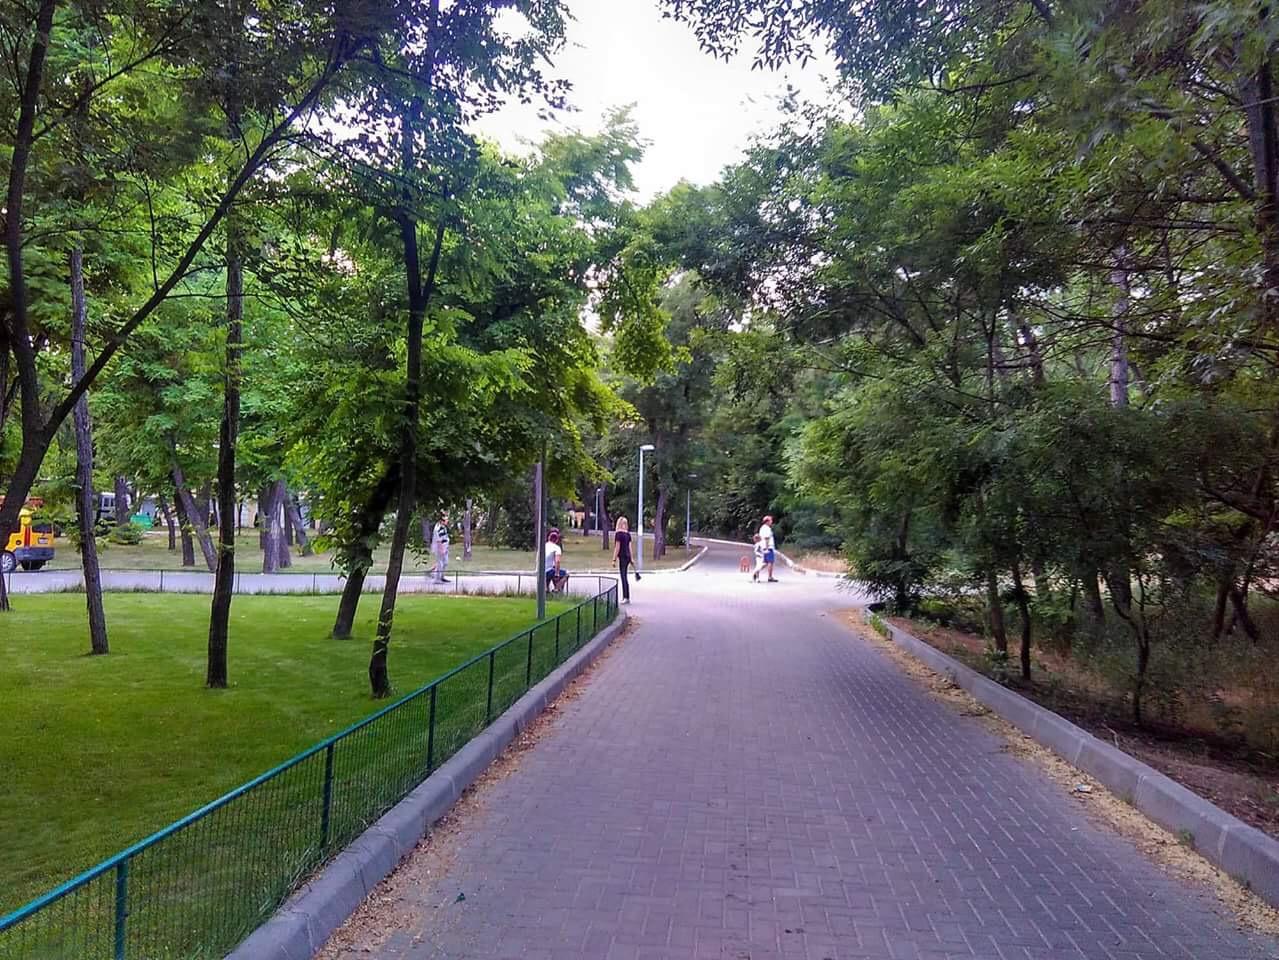 его парк шевченко одесса фото сказочные пейзажи находится